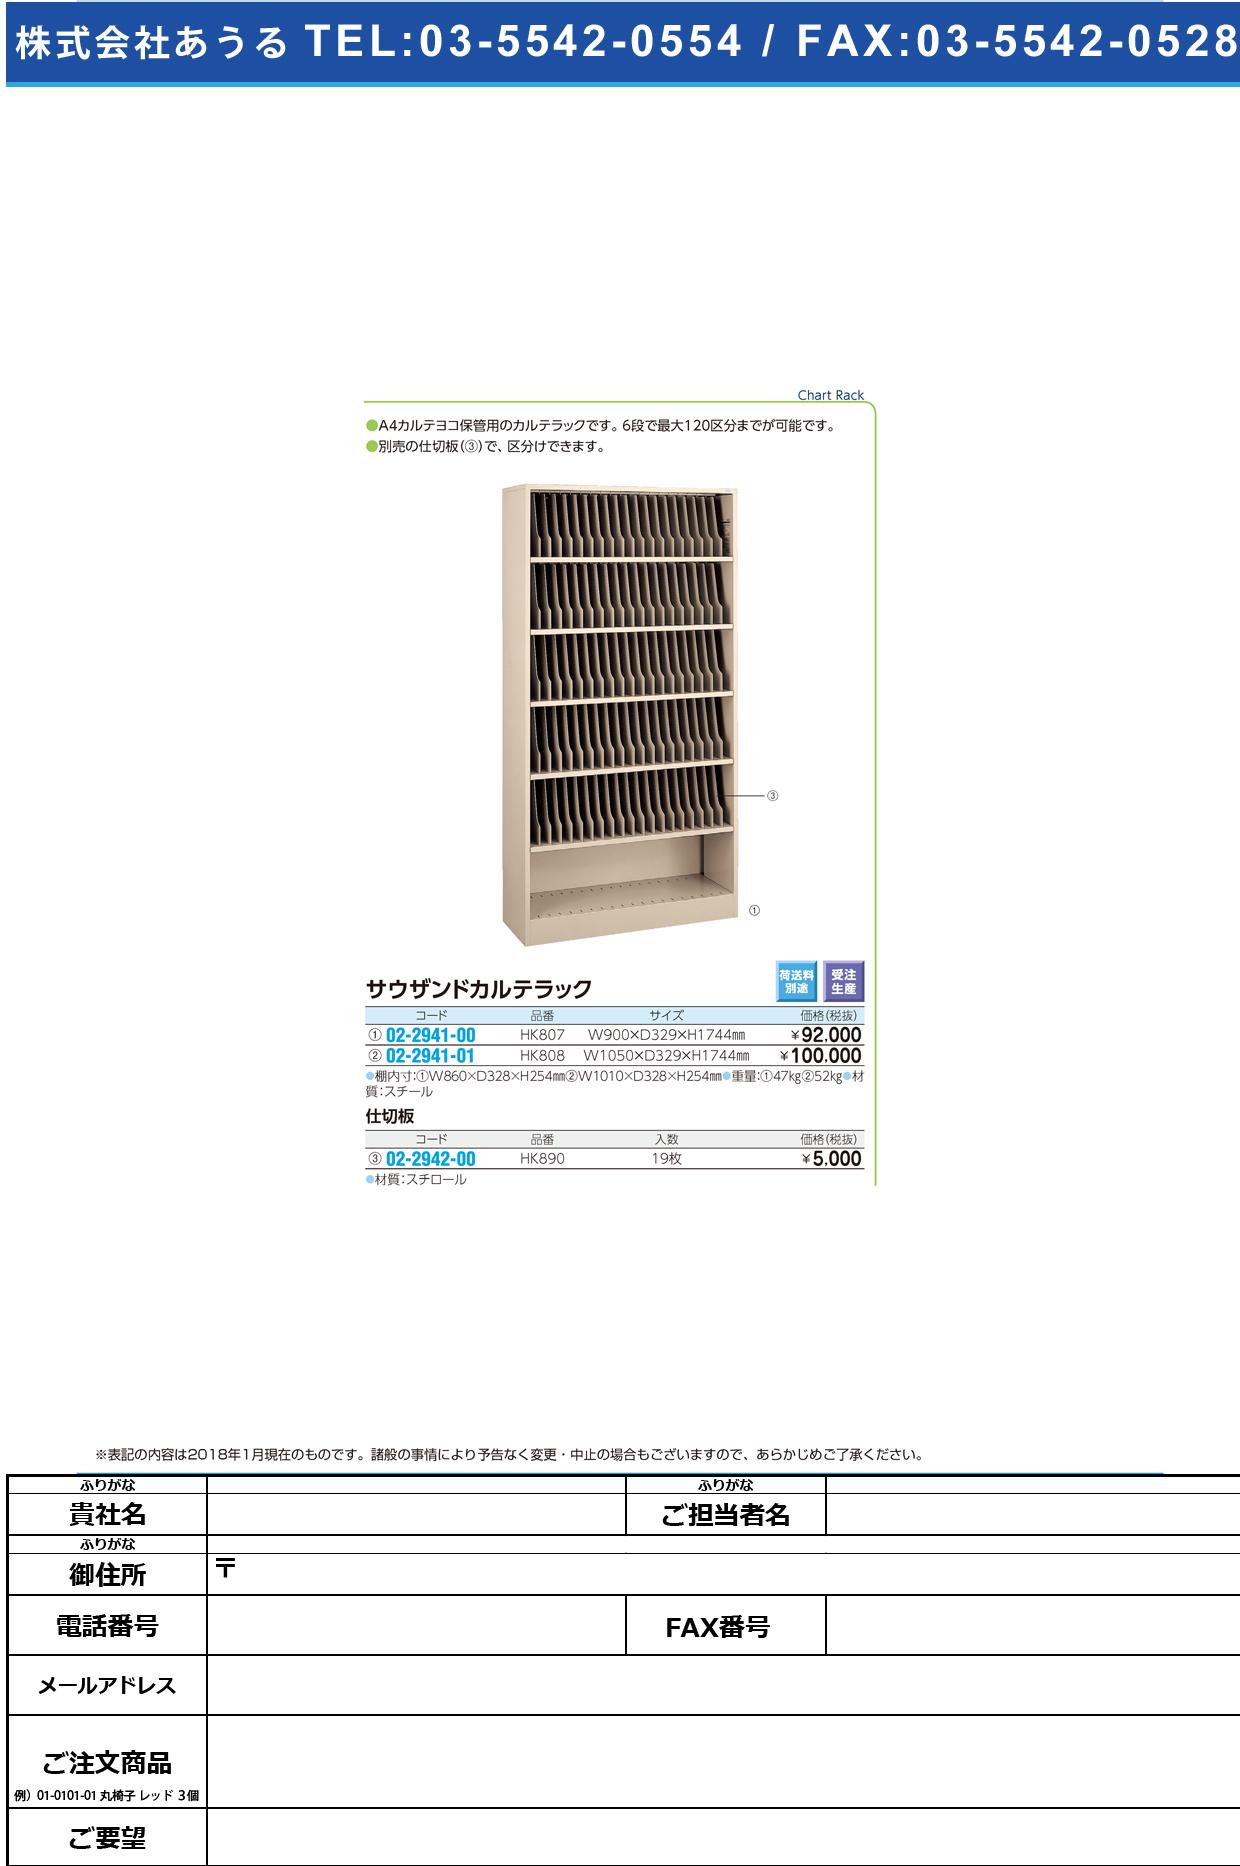 (02-2941-01)サウザンドラック HK808 サウザンドラック(LIHITLAB.)【1台単位】【2018年カタログ商品】